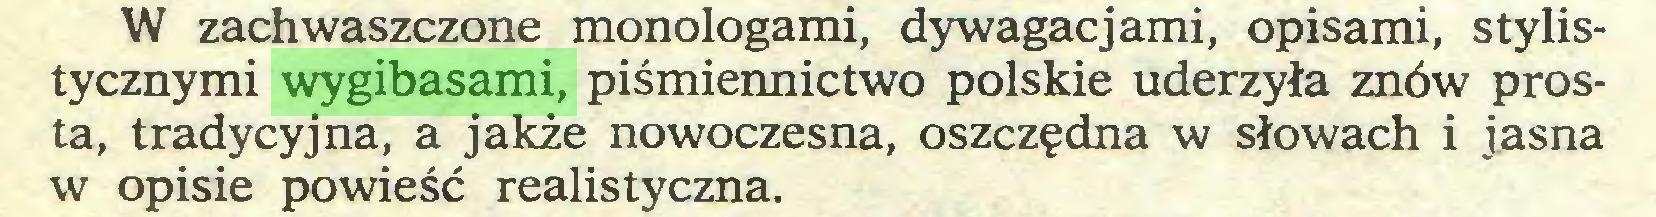 (...) W zachwaszczone monologami, dywagacjami, opisami, stylistycznymi wygibasami, piśmiennictwo polskie uderzyła znów prosta, tradycyjna, a jakże nowoczesna, oszczędna w słowach i jasna w opisie powieść realistyczna...